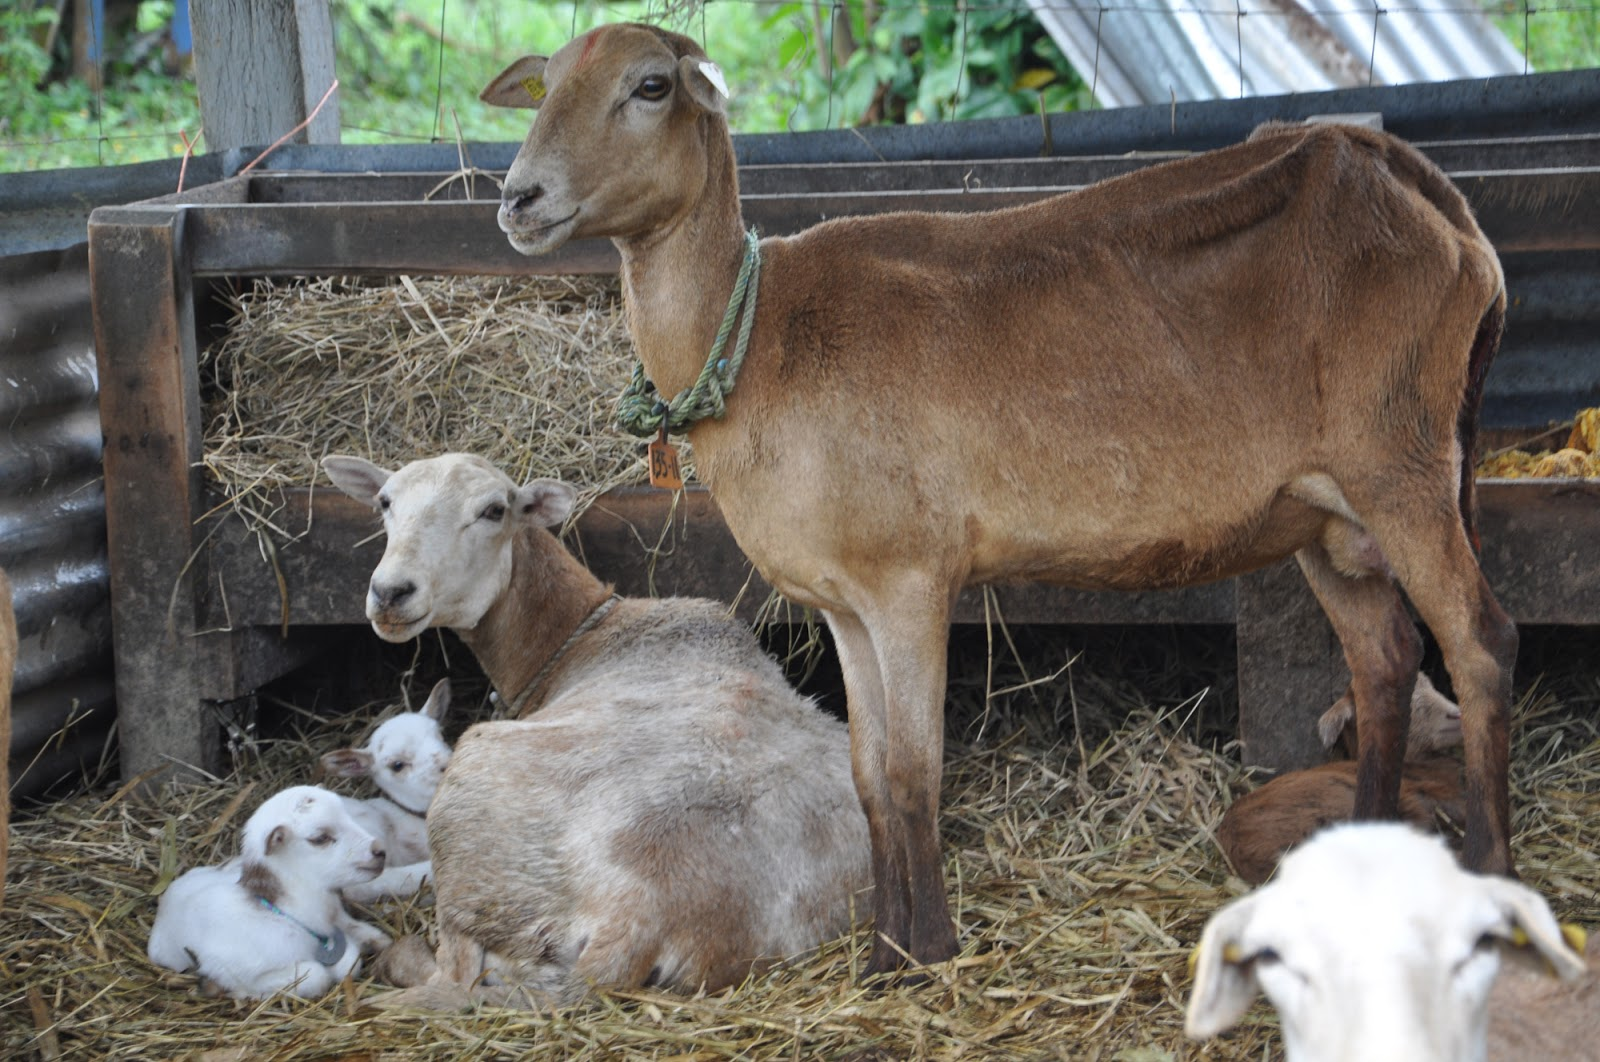 fotos-de-borregos-ganado-ovino-en-la-granja-animales-corderos-3